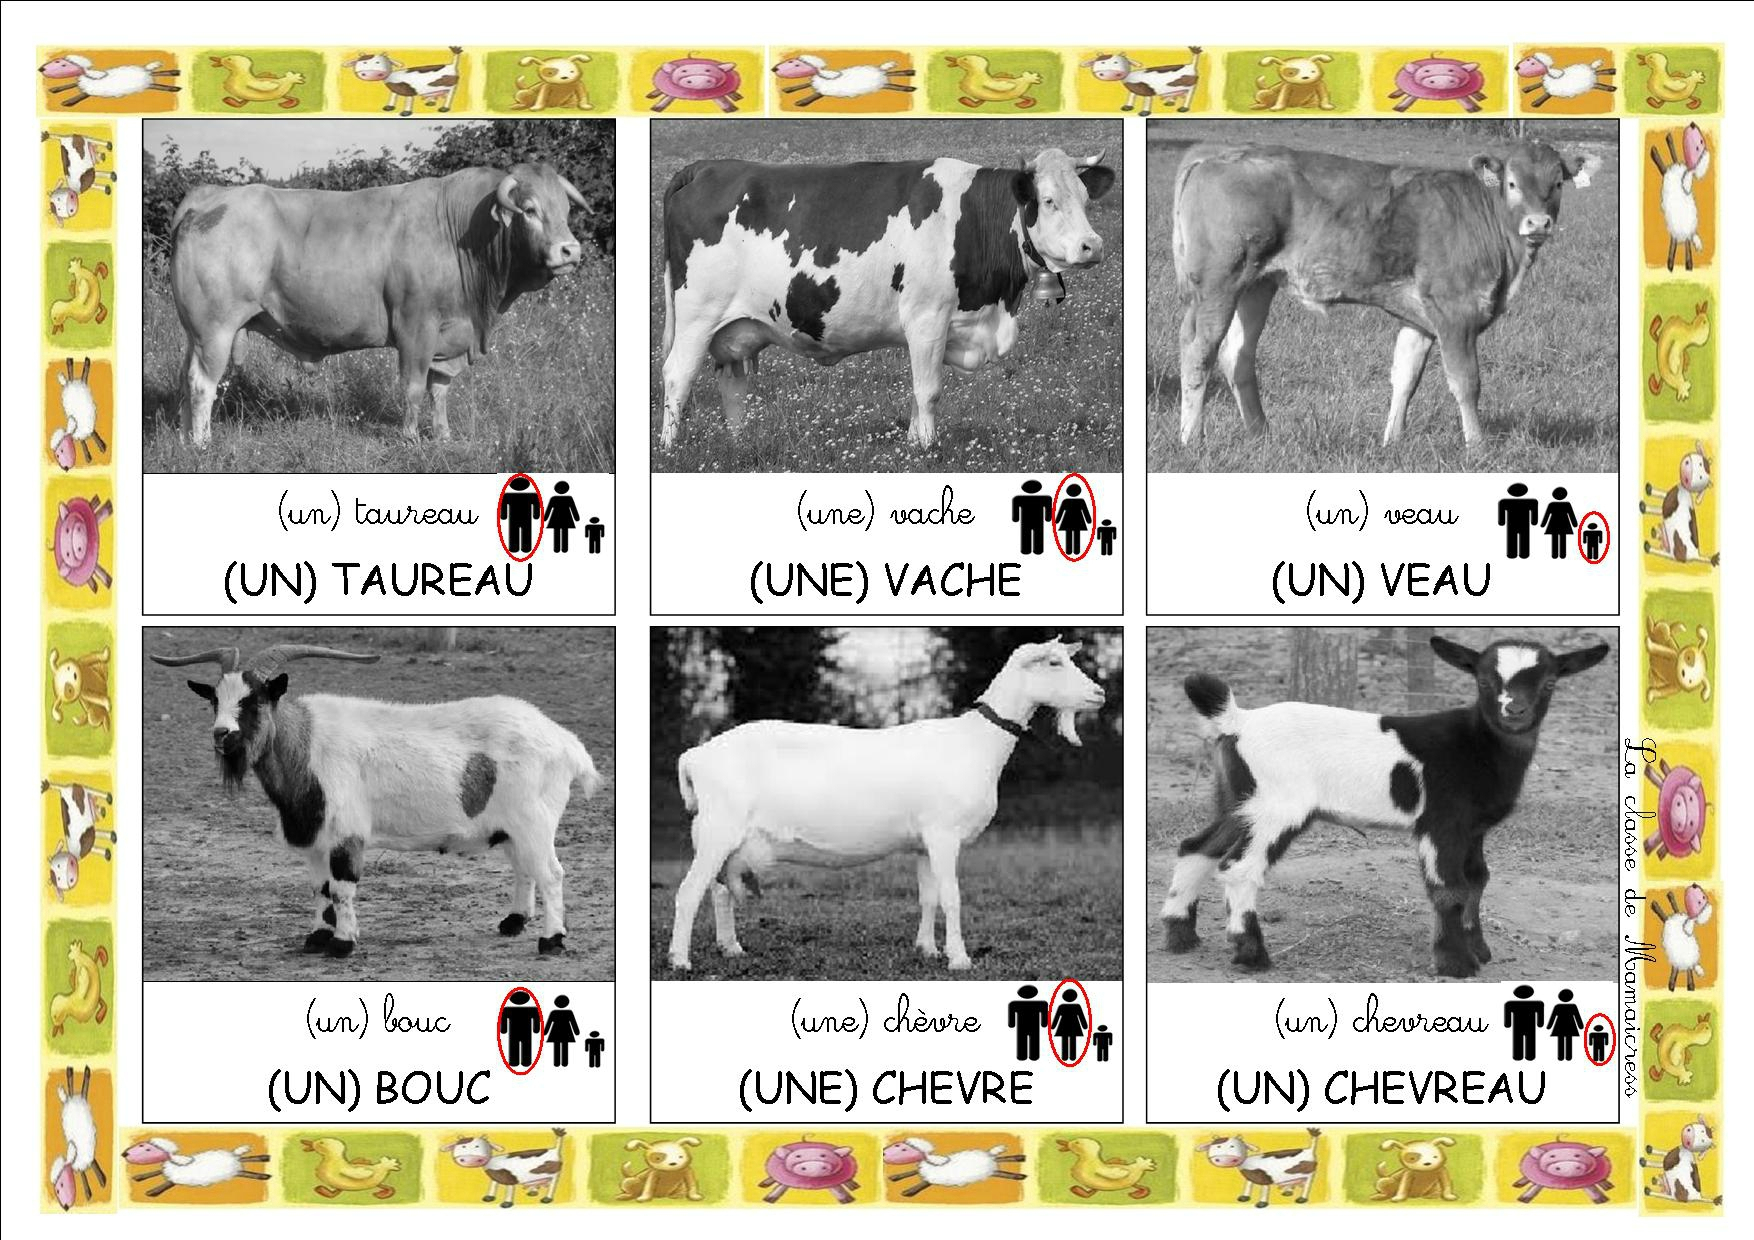 Loto Des Animaux De La Ferme - La Classe De Mamaicress à Apprendre Le Nom Des Animaux